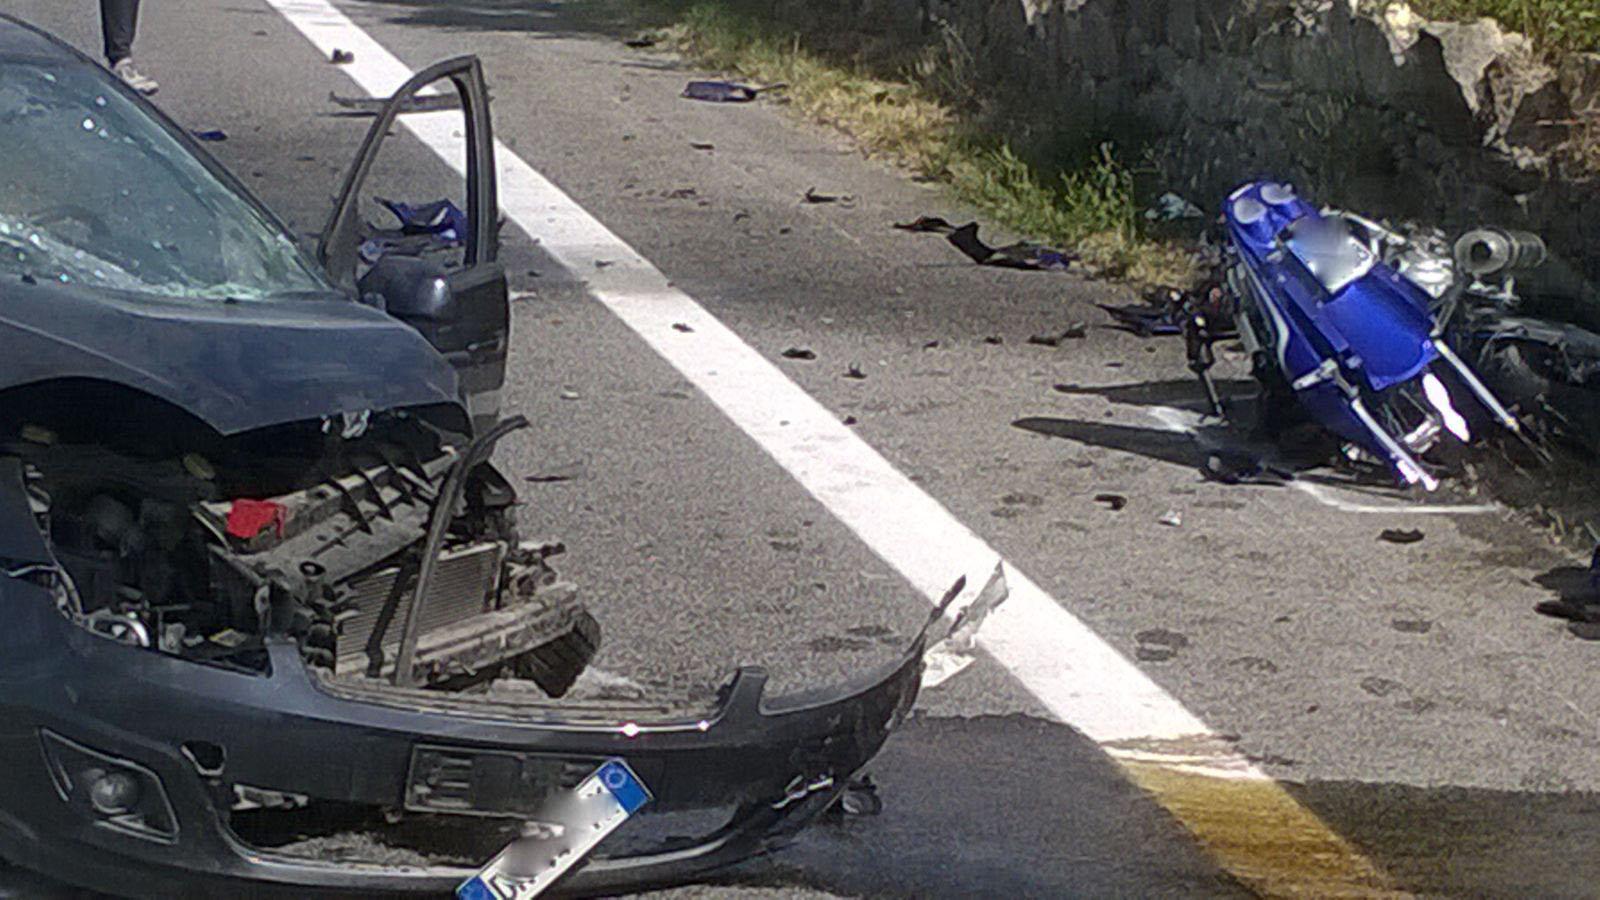 Centauro morto sulla SS 17, indagato l'altro autista per omicidio stradale